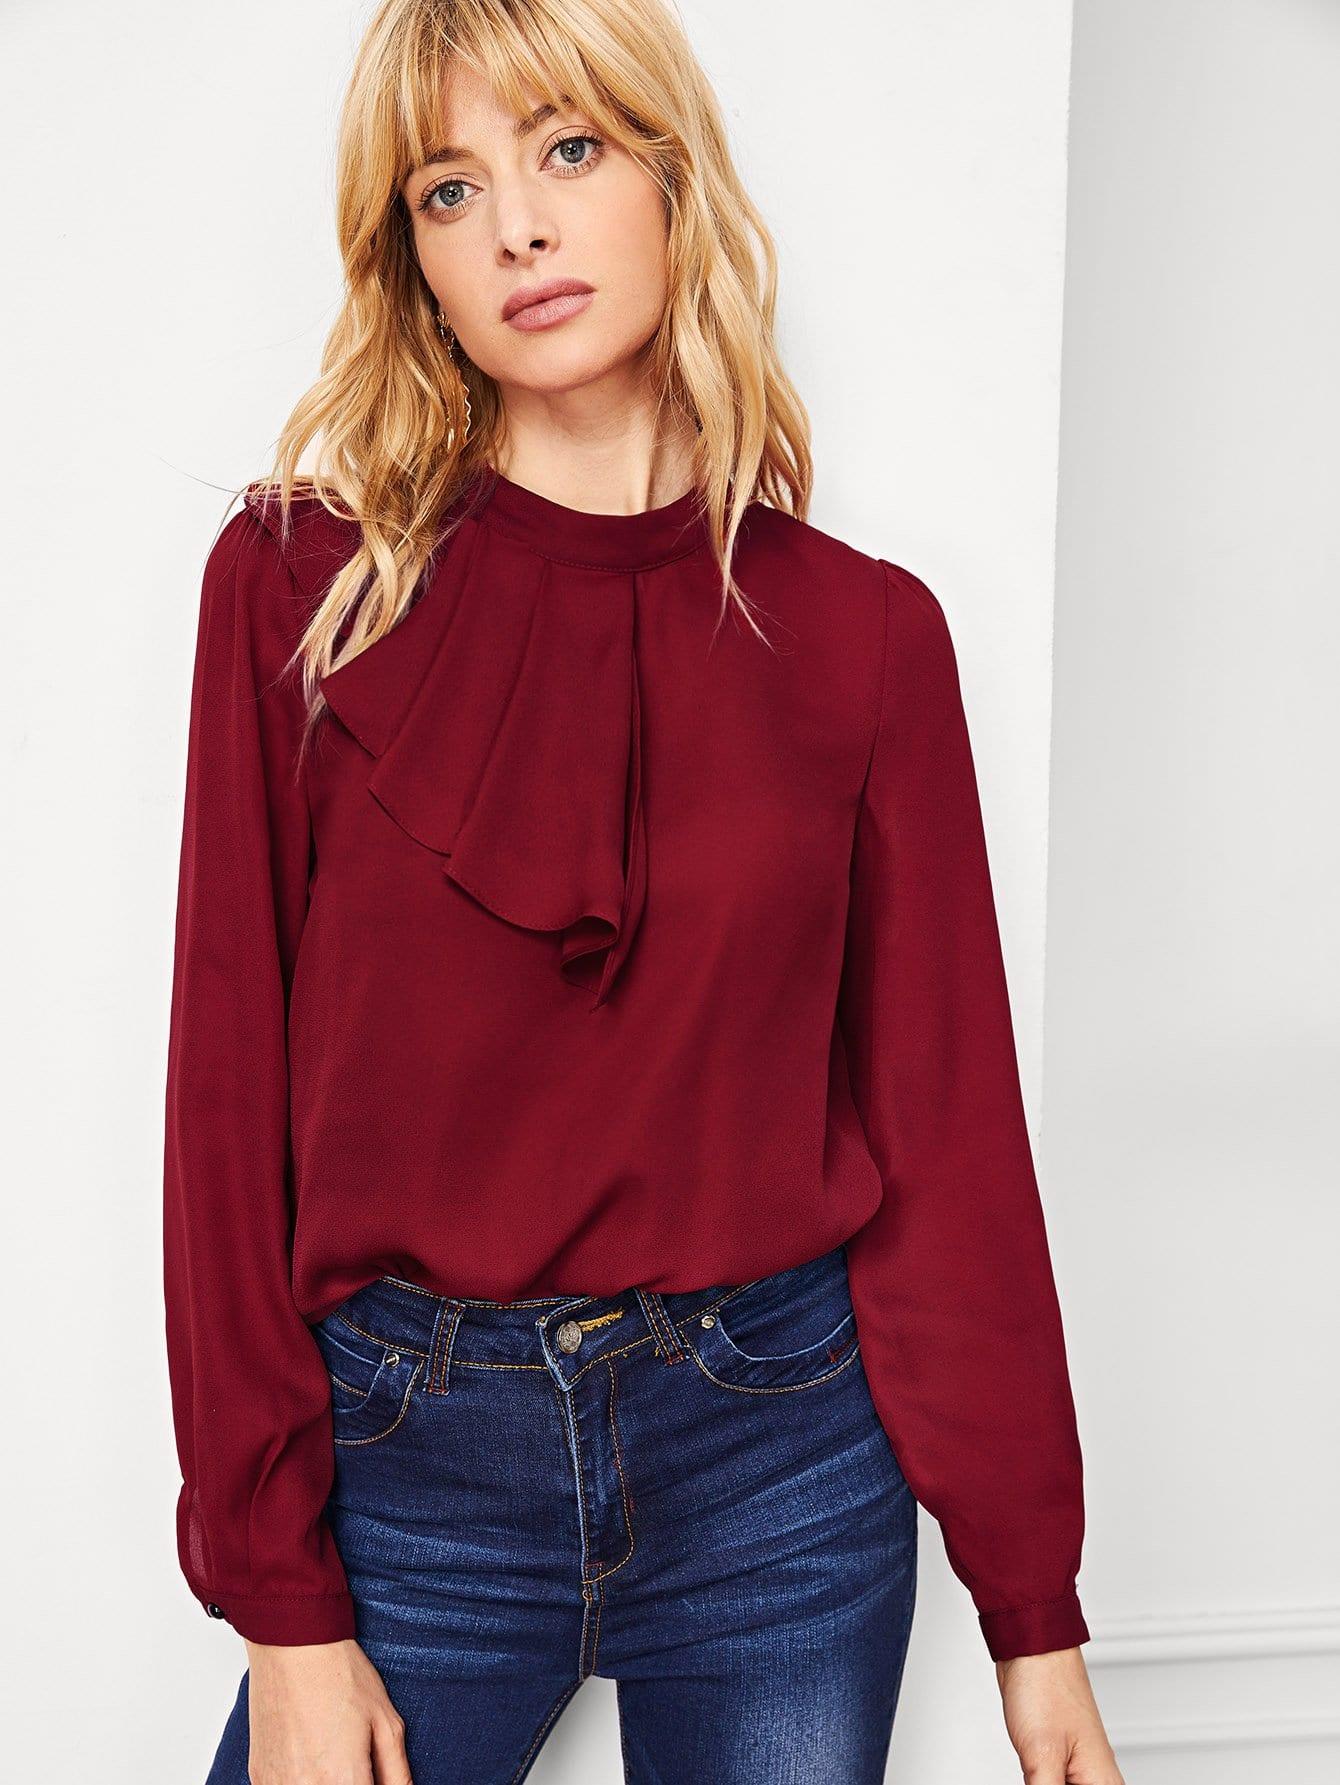 Блузка с ложным воротником с рюшами, Masha, SheIn  - купить со скидкой